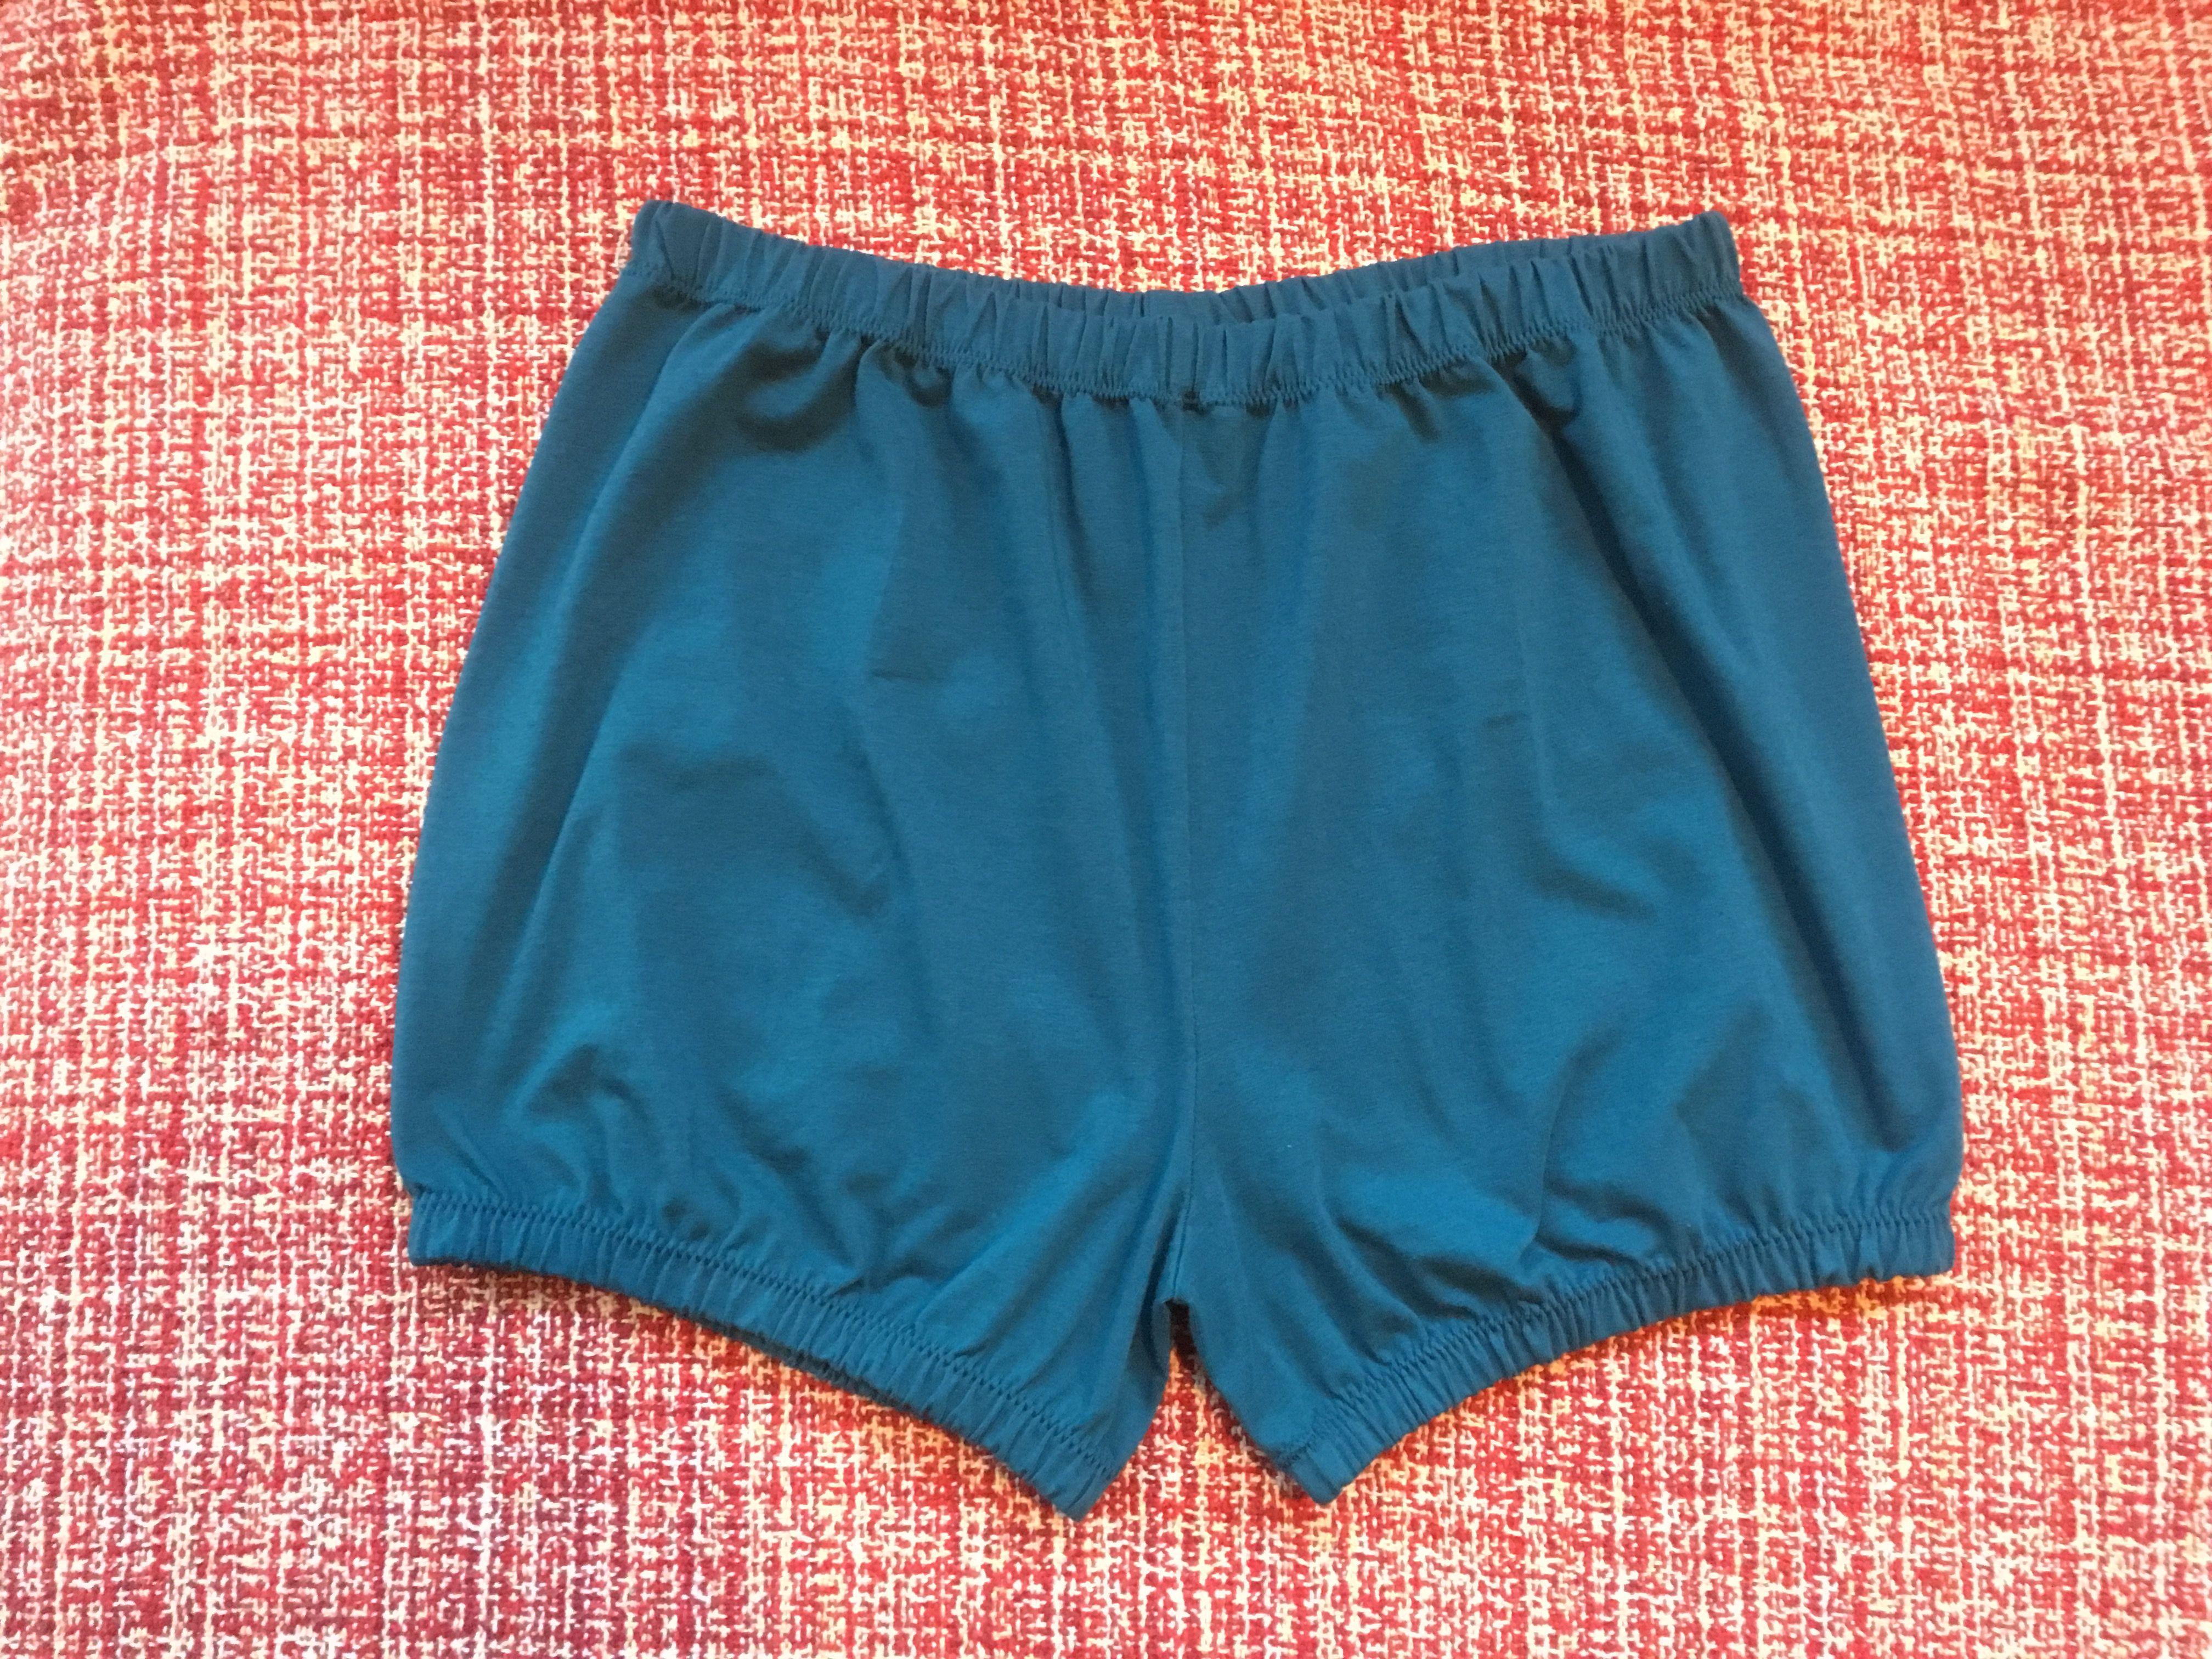 Pantalón yoga Iyengar azul petróleo   Pantalones yoga Iyengar ...